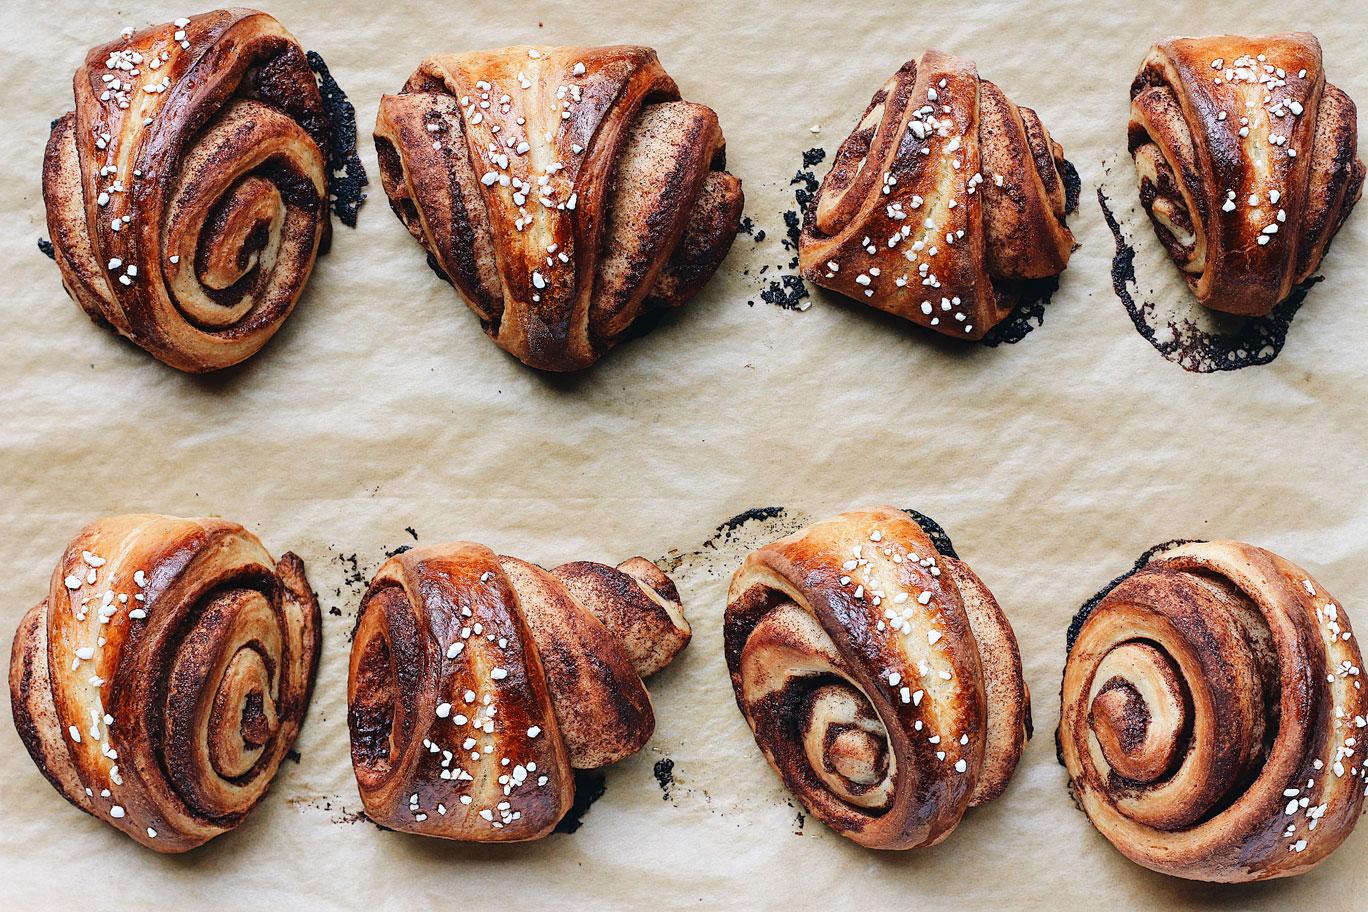 korvapuusti-finnish-cinnamon-cardamon-sweet-rolls